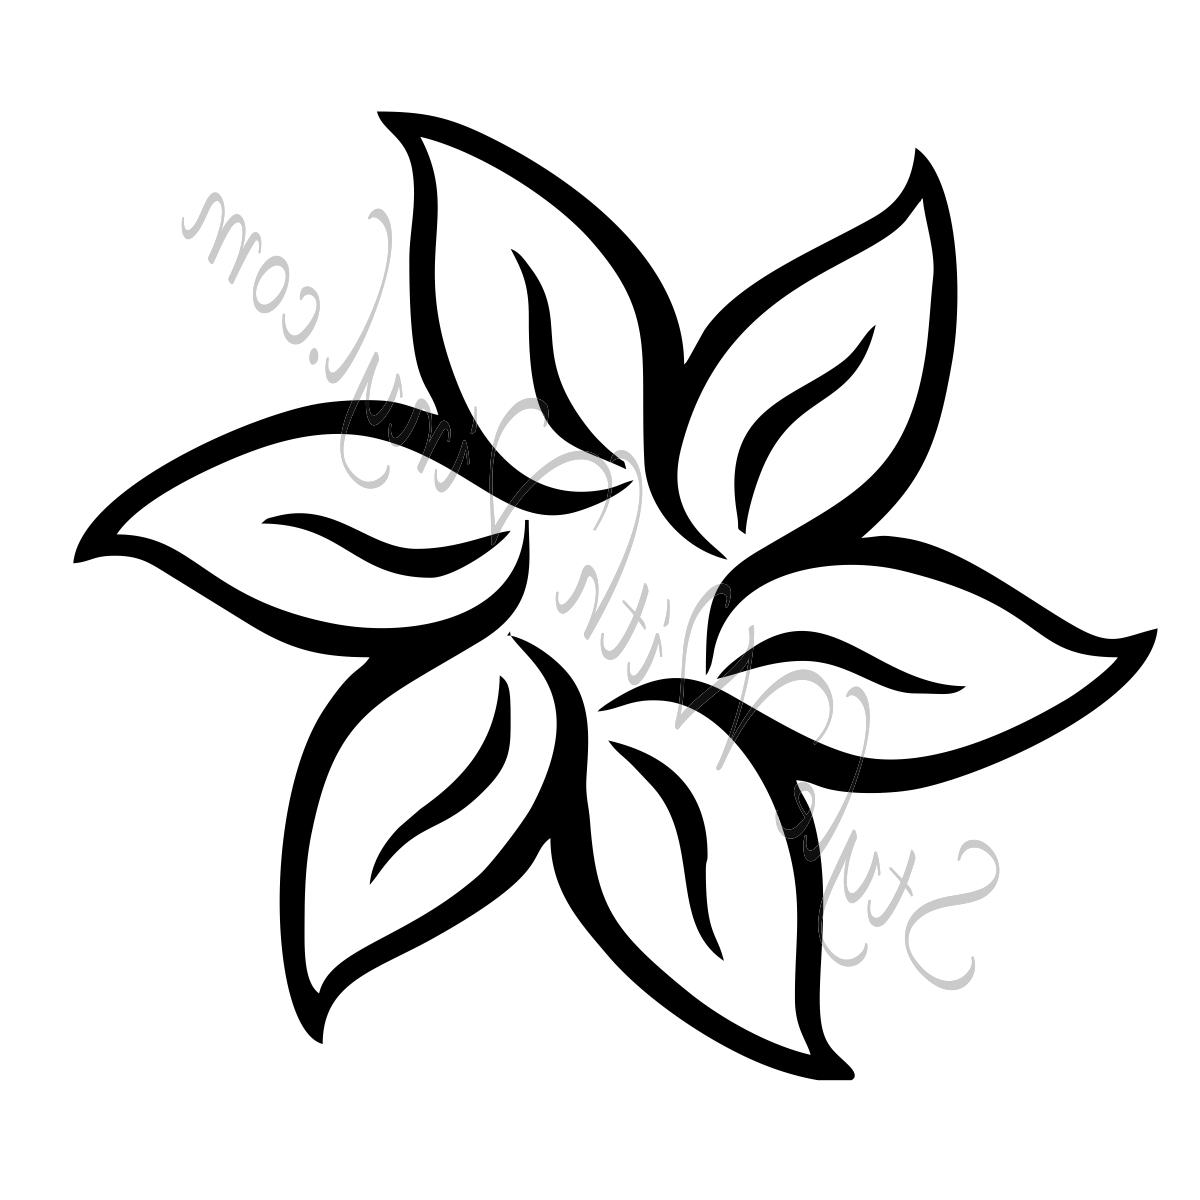 1200x1200 Easy Drawings Of Flowers Nice Easy Drawings Of Flowers